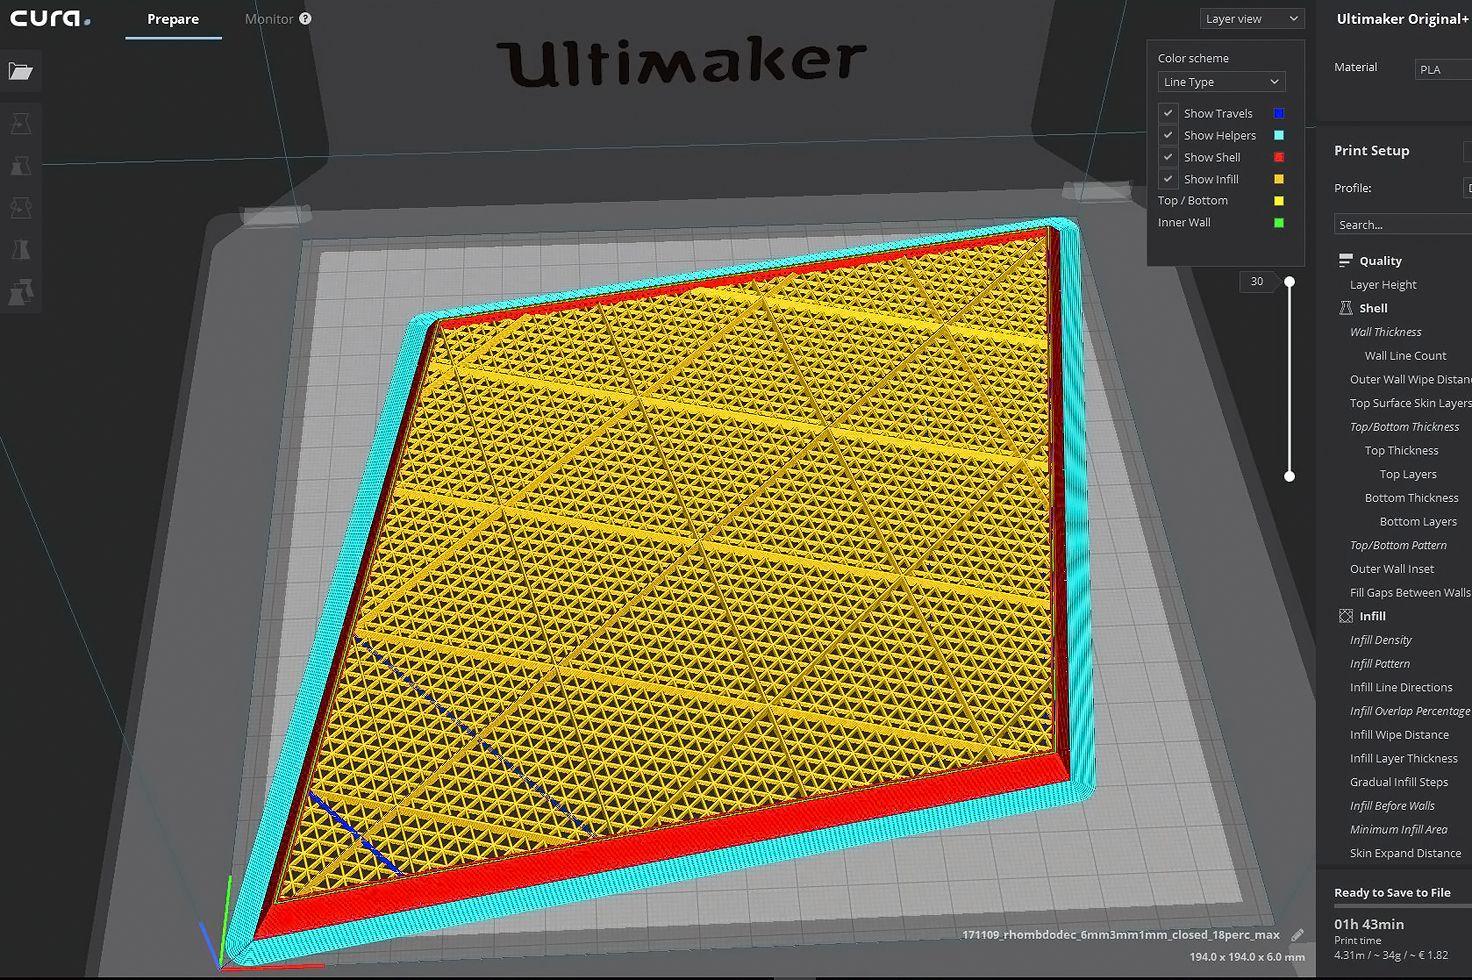 Panel Light by WertelOberfell - Cura software | Panel Light